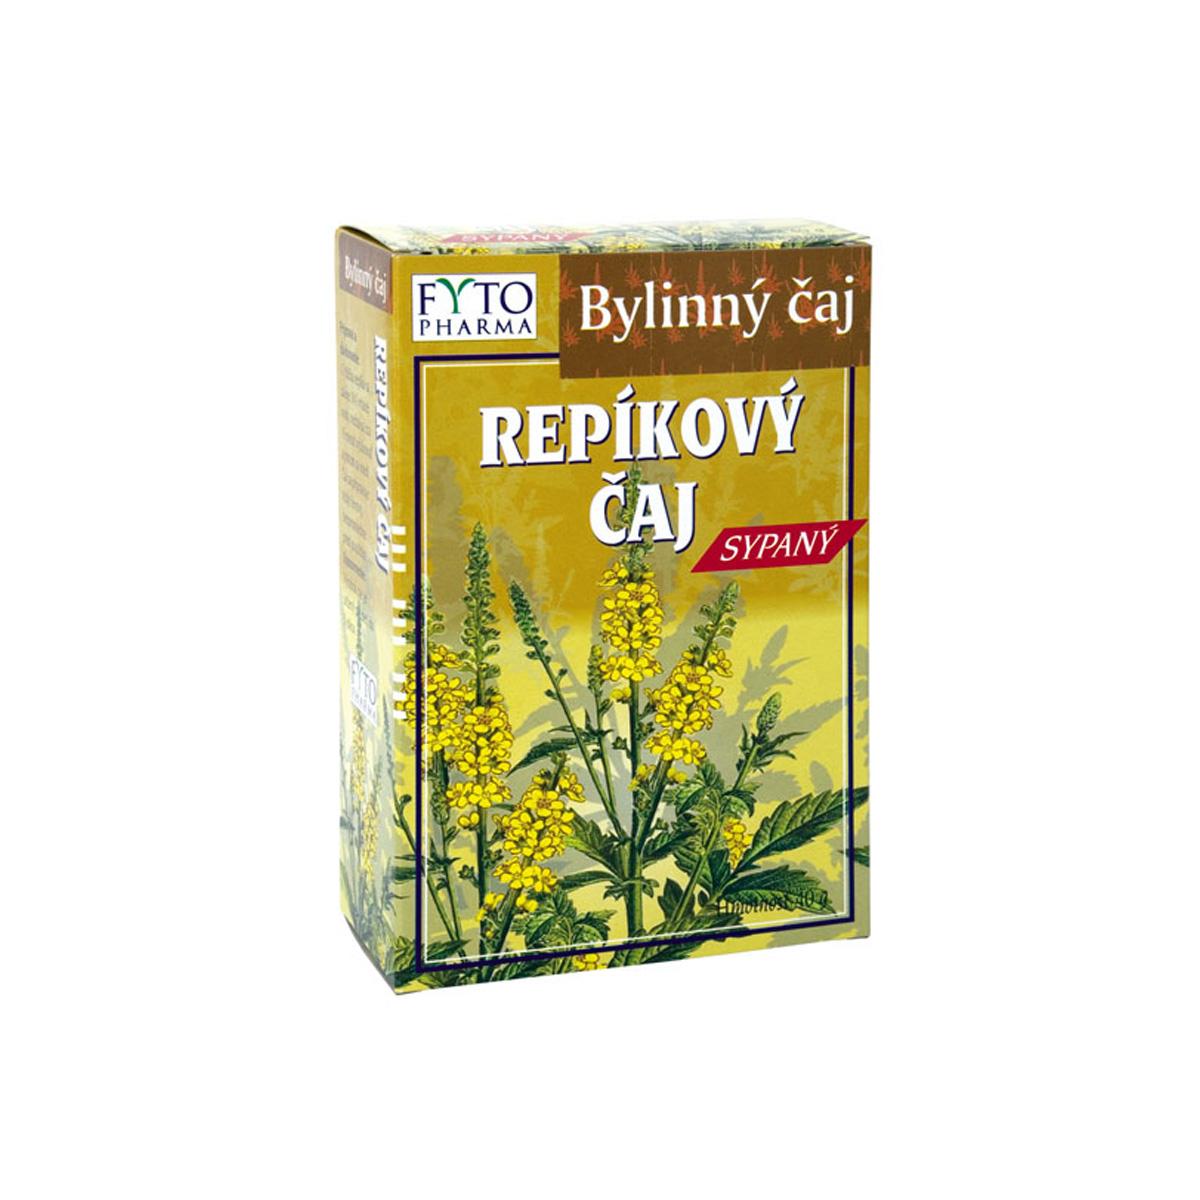 Fytopharma Řepíkový čaj 40 g